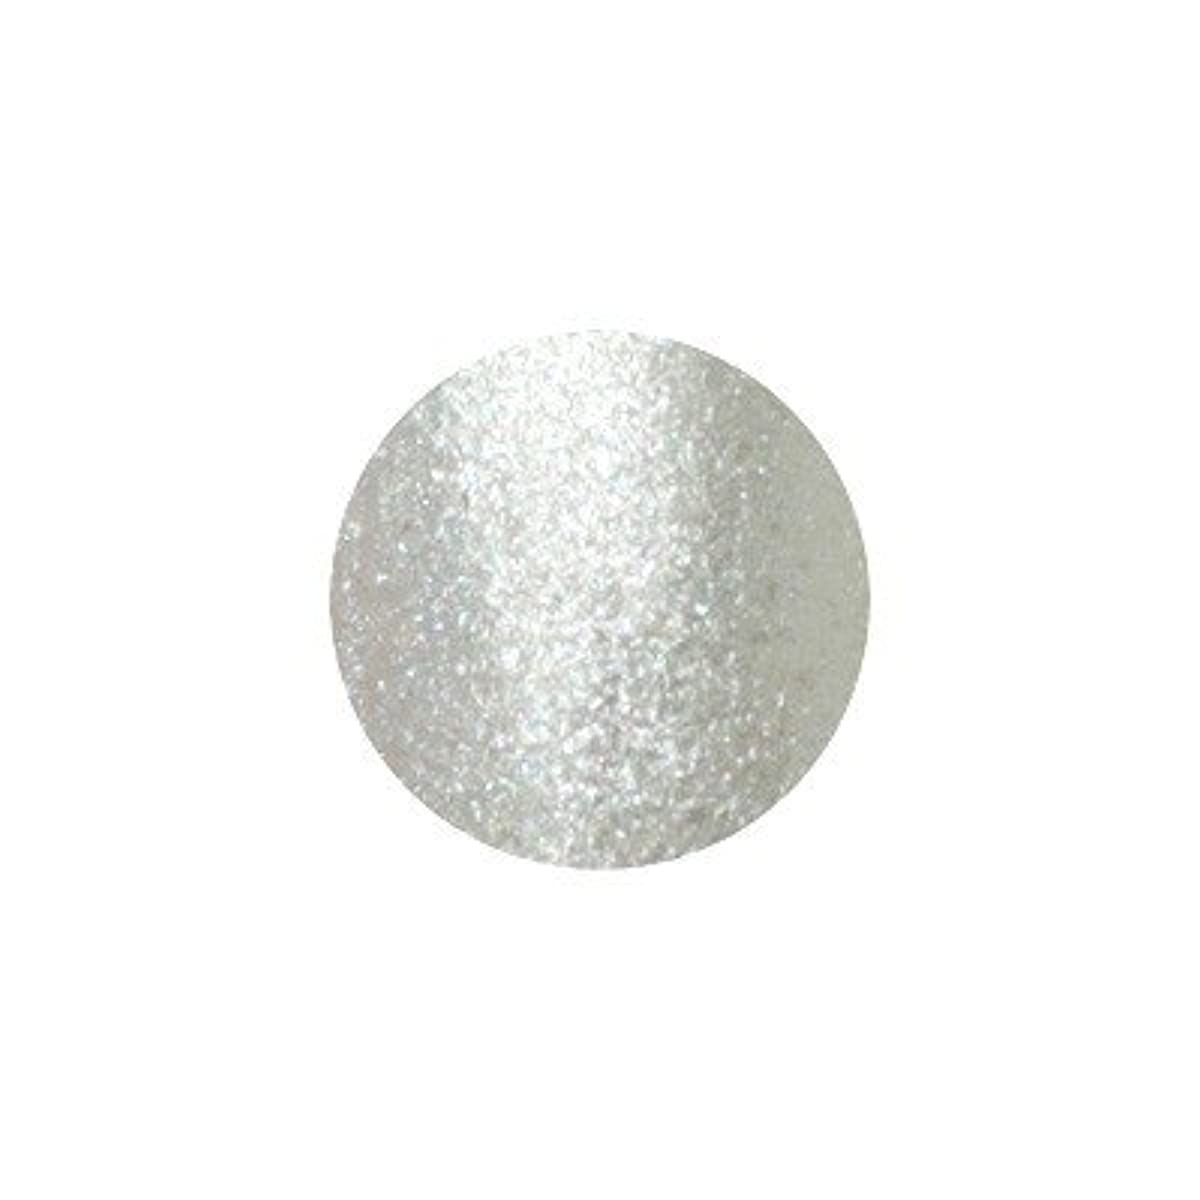 バルブ女性バイオレットsacra カラージェル No.044 粉雪